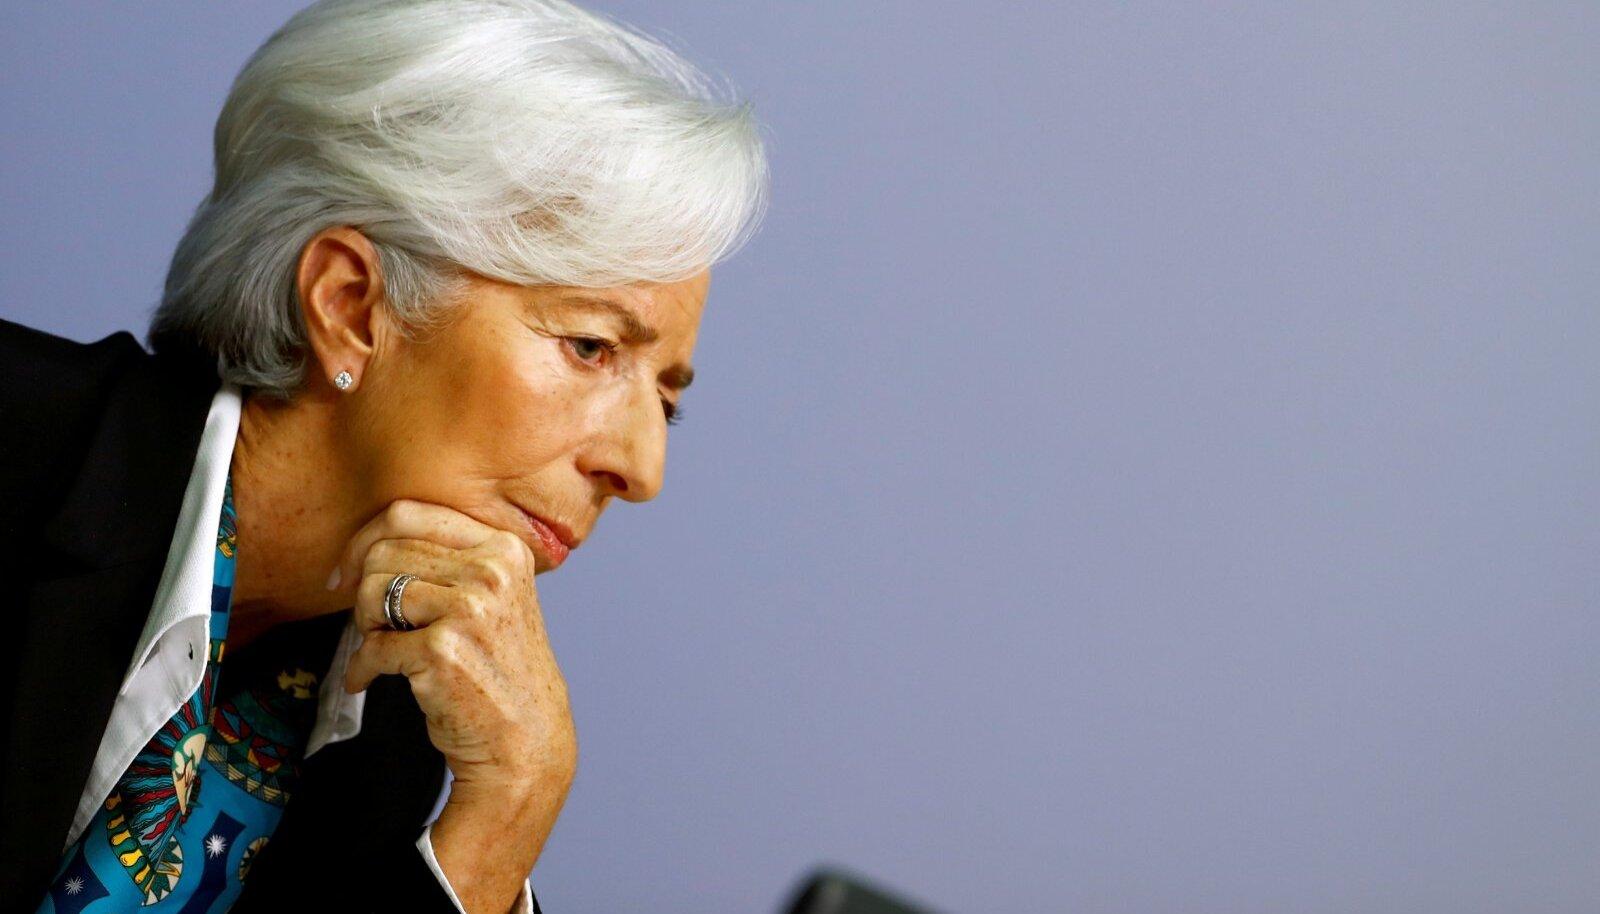 Christine Lagarde'i juhitava Euroopa keskpanga nõukogu otsustas eelmisel nädalal koroonapandeemia majandusmõjude leevendamiseks jätta senised rekordmadalad intressimäärad muutmata. Ühtlasi suurendati varaostuprogrammi mahtu 500 miljardi euro võrra ja pikendati varaoste 2022. aasta märtsi lõpuni.